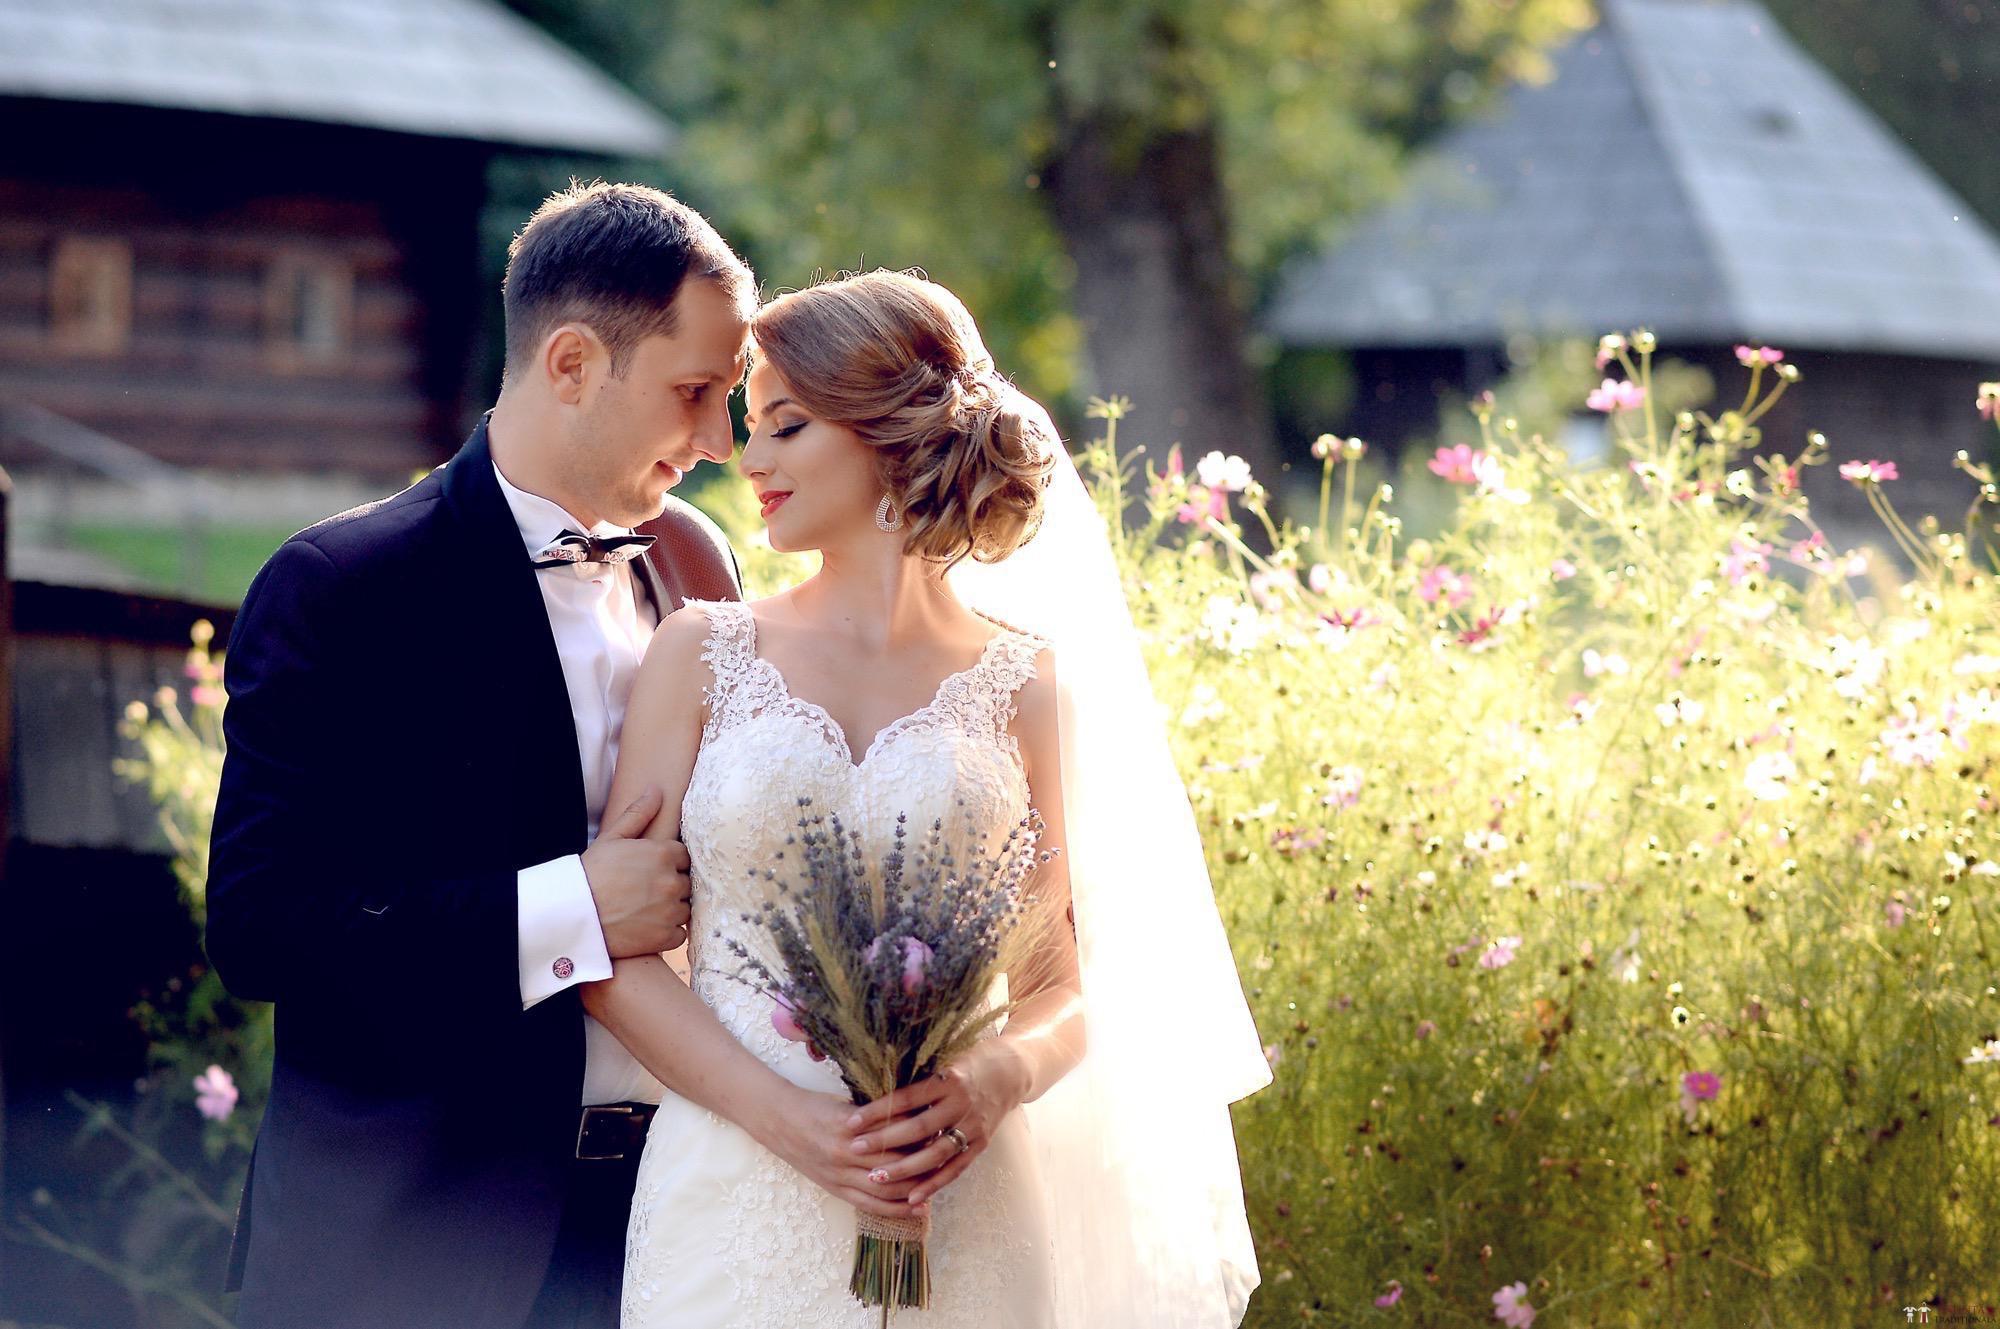 Povești Nunți Tradiționale - Iulia și Andrei. Nuntă tradițională în Bucovina. 77